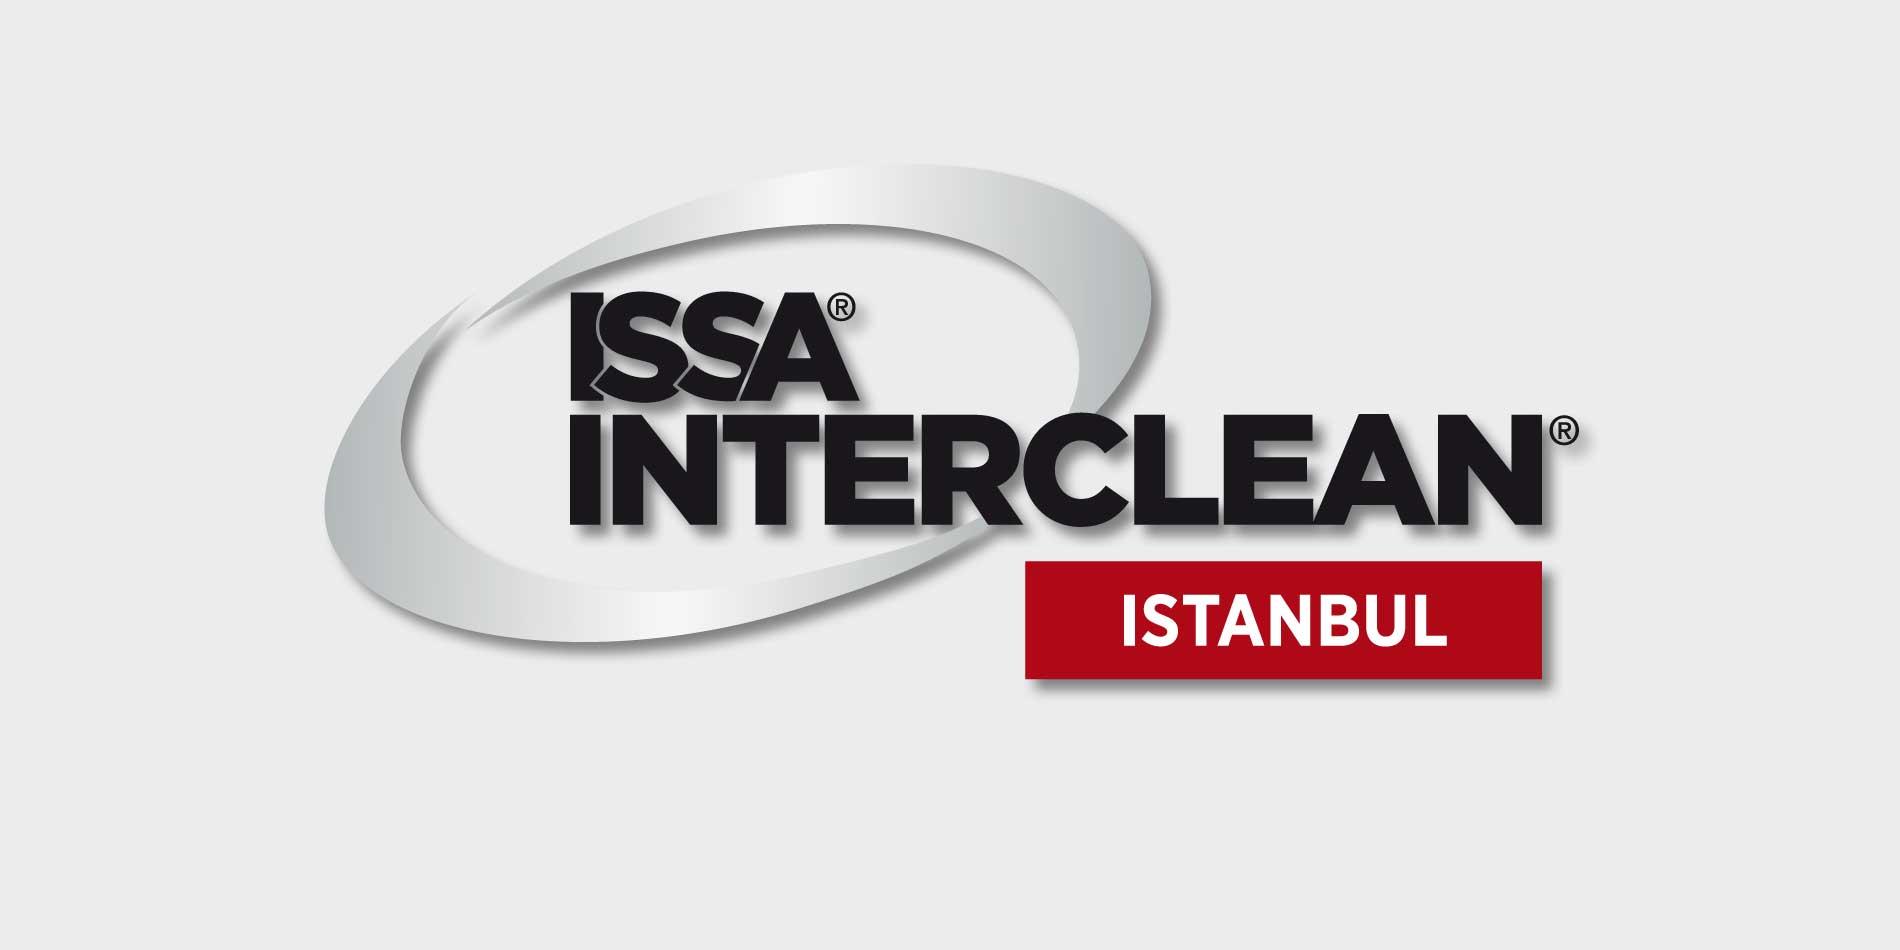 Messebanner der ISSA INTERCLEAN in Istanbul